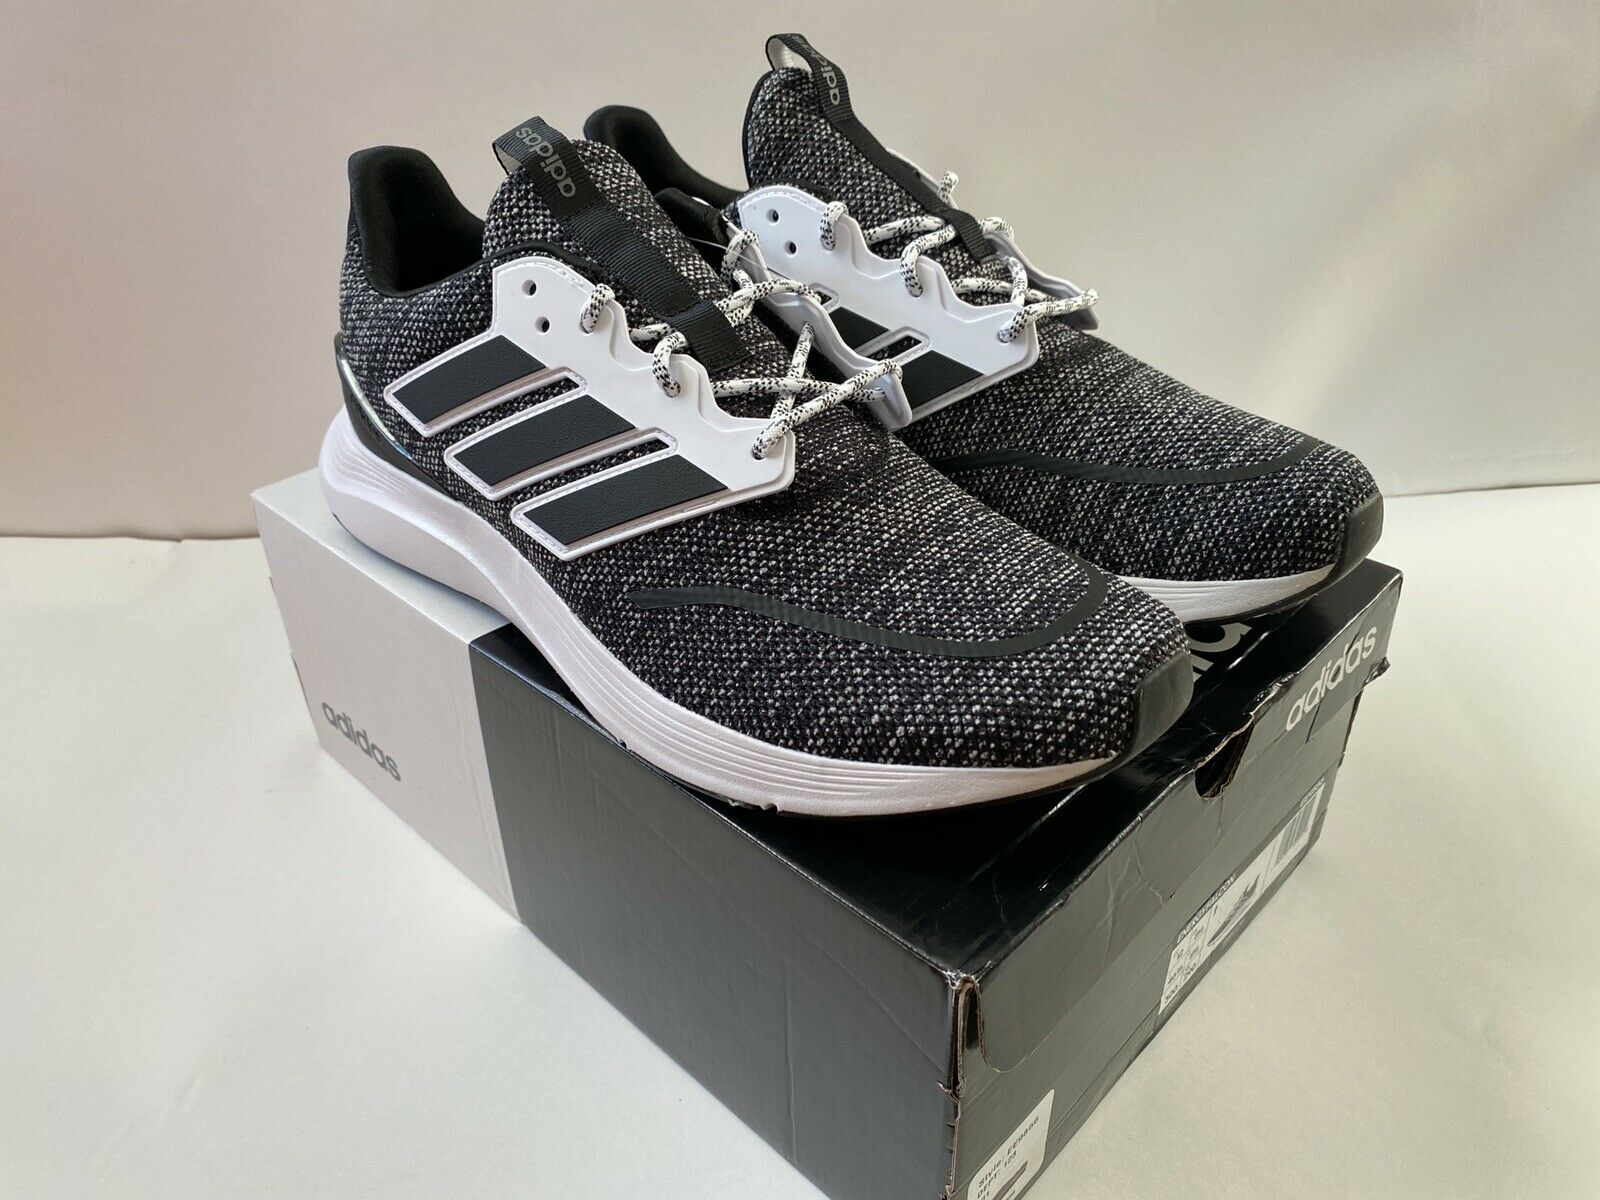 MENS ADIDAS ENERGY FALCON SZ 11 Running Shoes NIB, Black